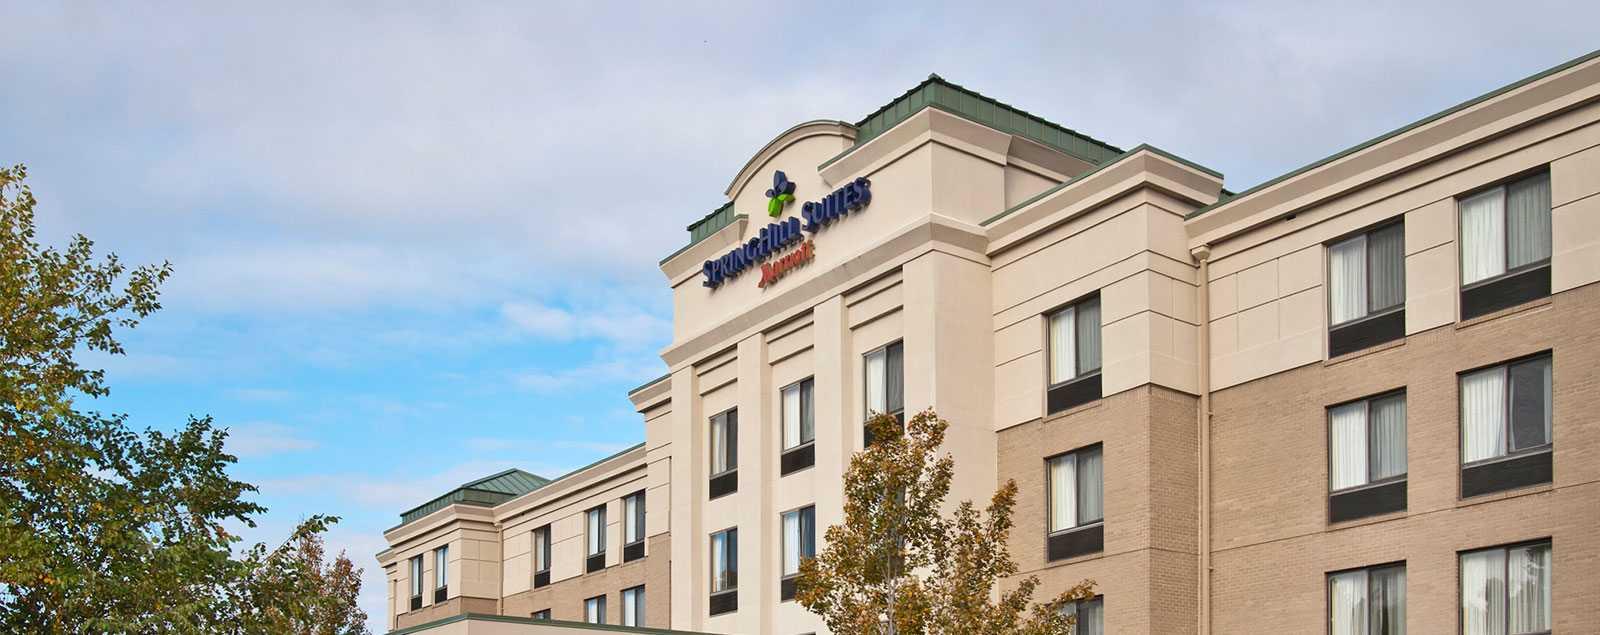 Springhill Suites Centreville Hotels